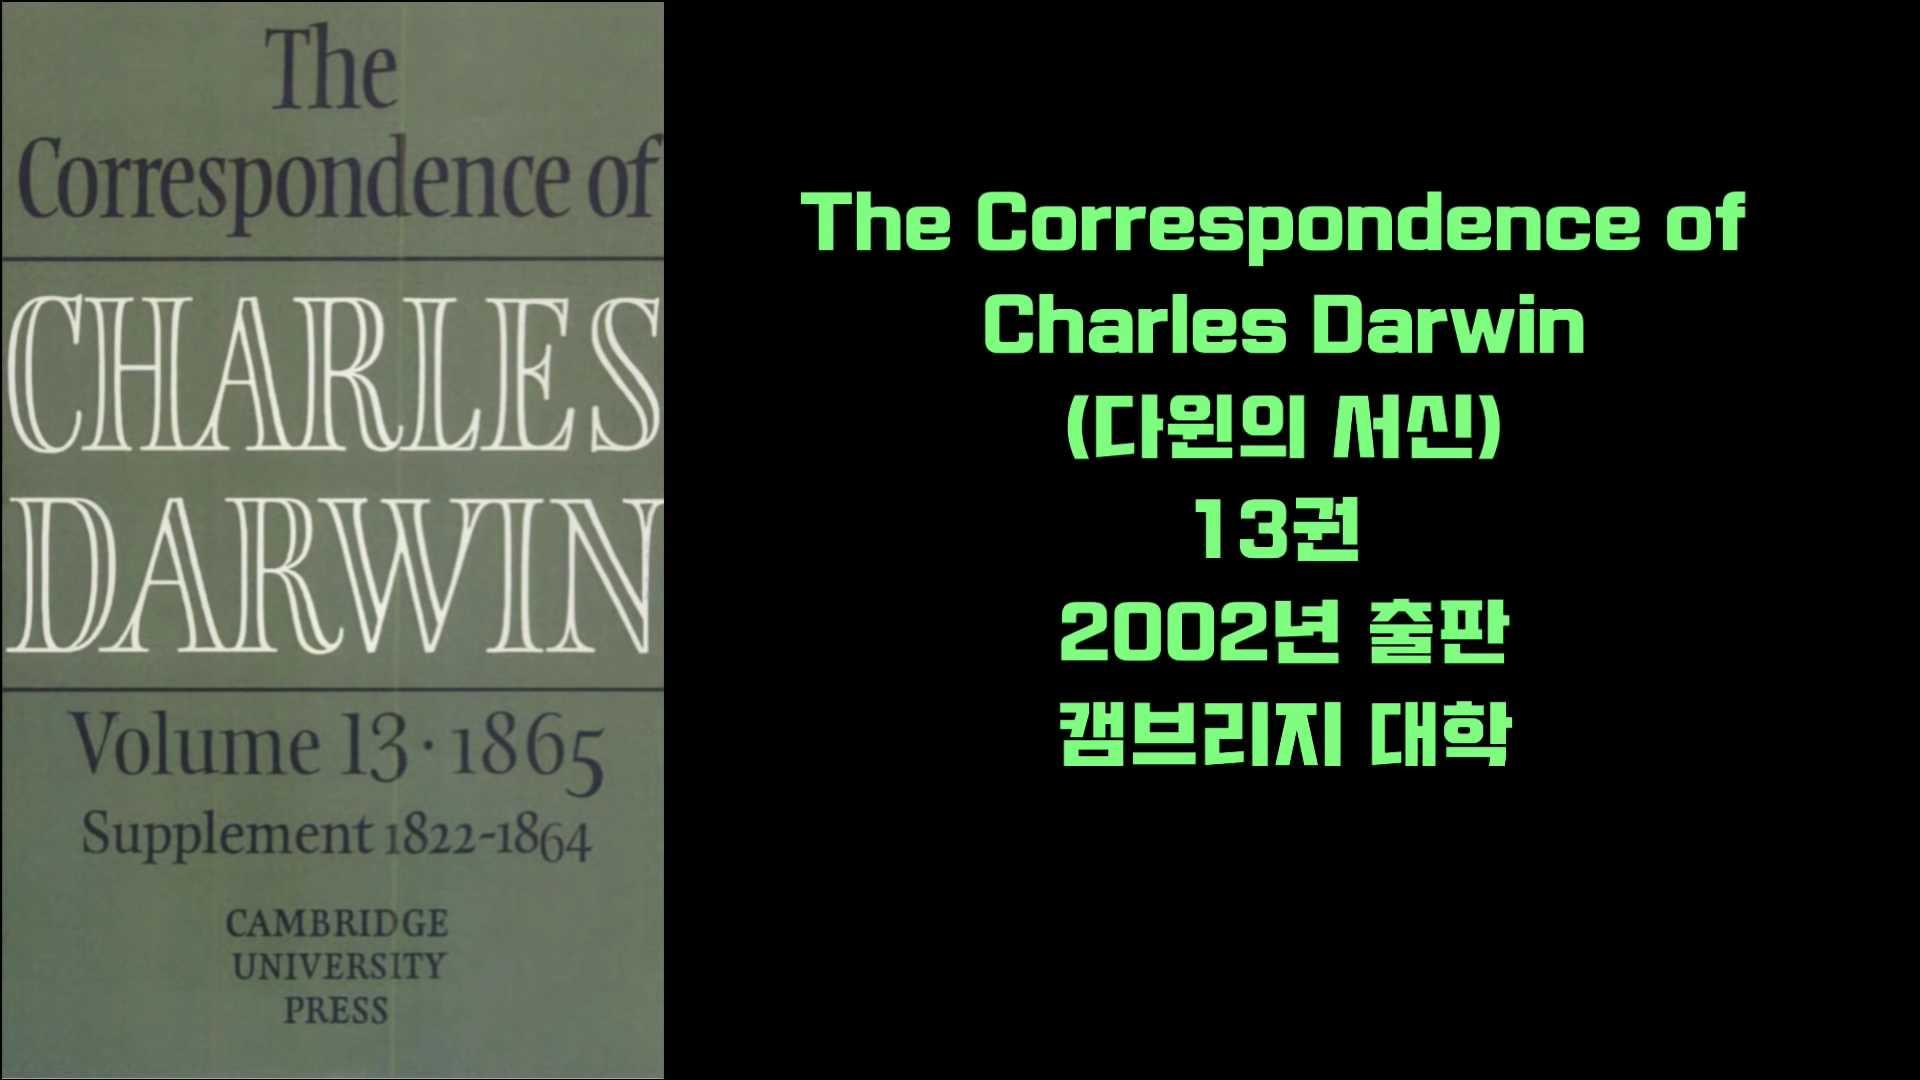 찰스 다윈의 인생과 그의 정신병.mp4_000552203.jpg